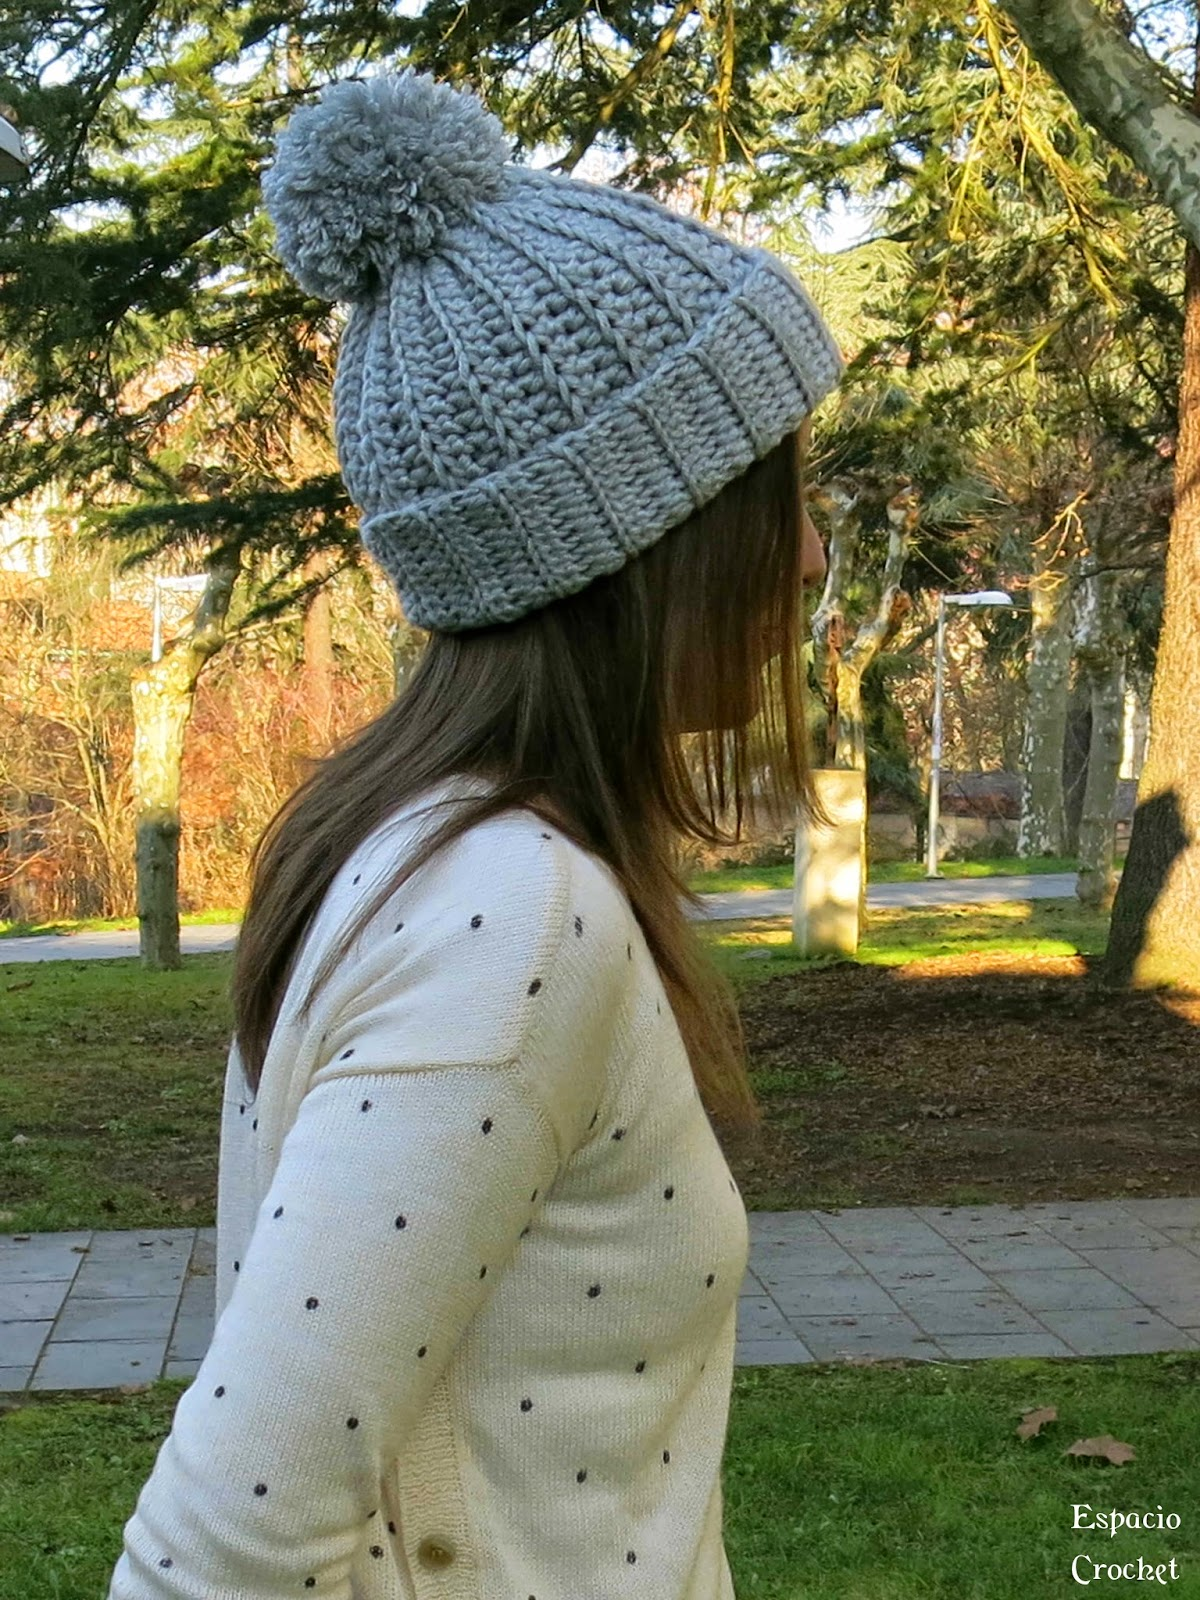 Gorro con pomp n espacio crochet for Imagenes de gorros de lana